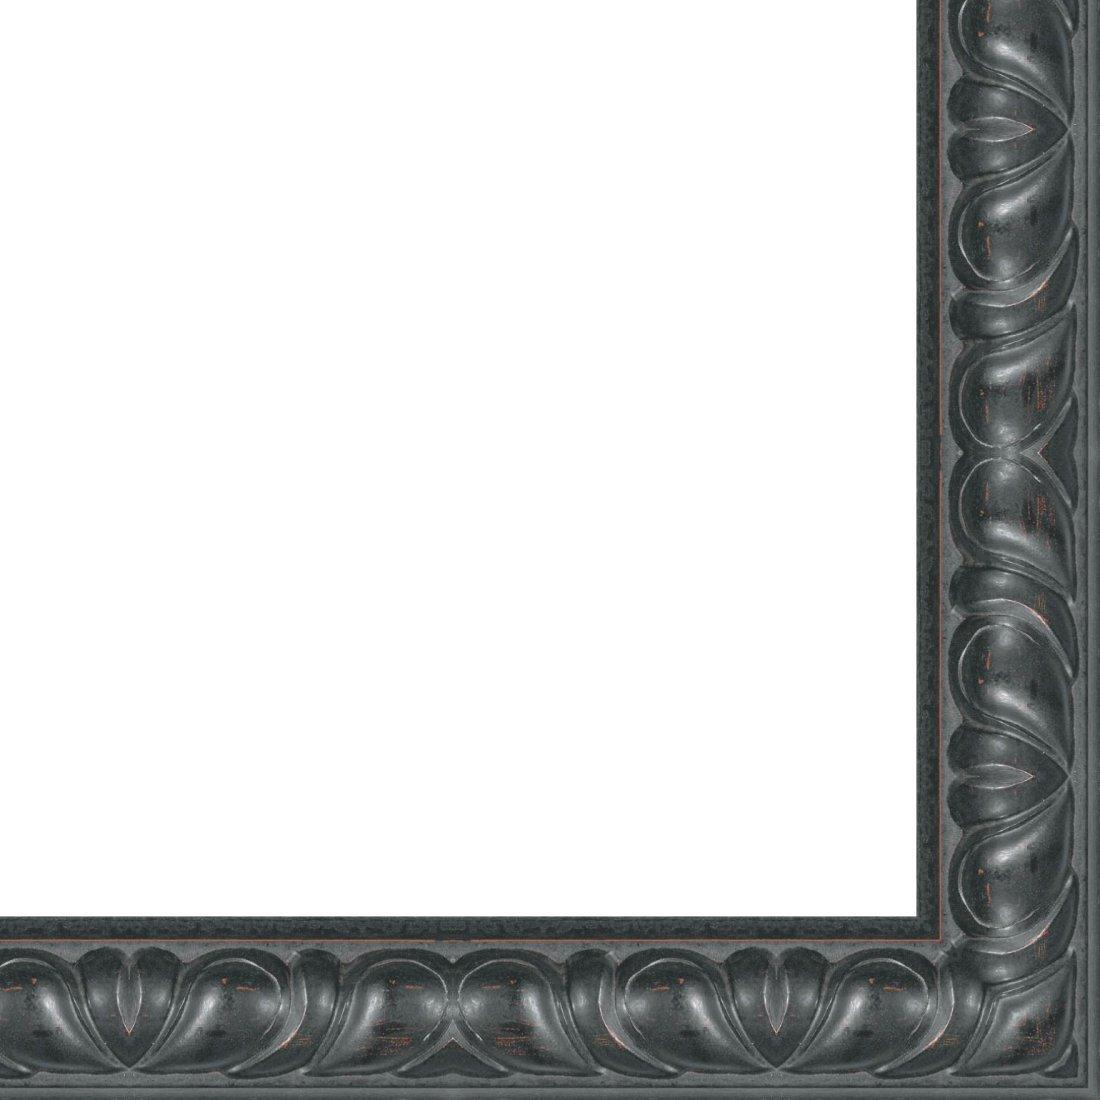 Picture Frame Moulding (Wood) 18ft bundle - Distressed/Aged Black Finish - 2.5'' width - 3/4'' rabbet depth